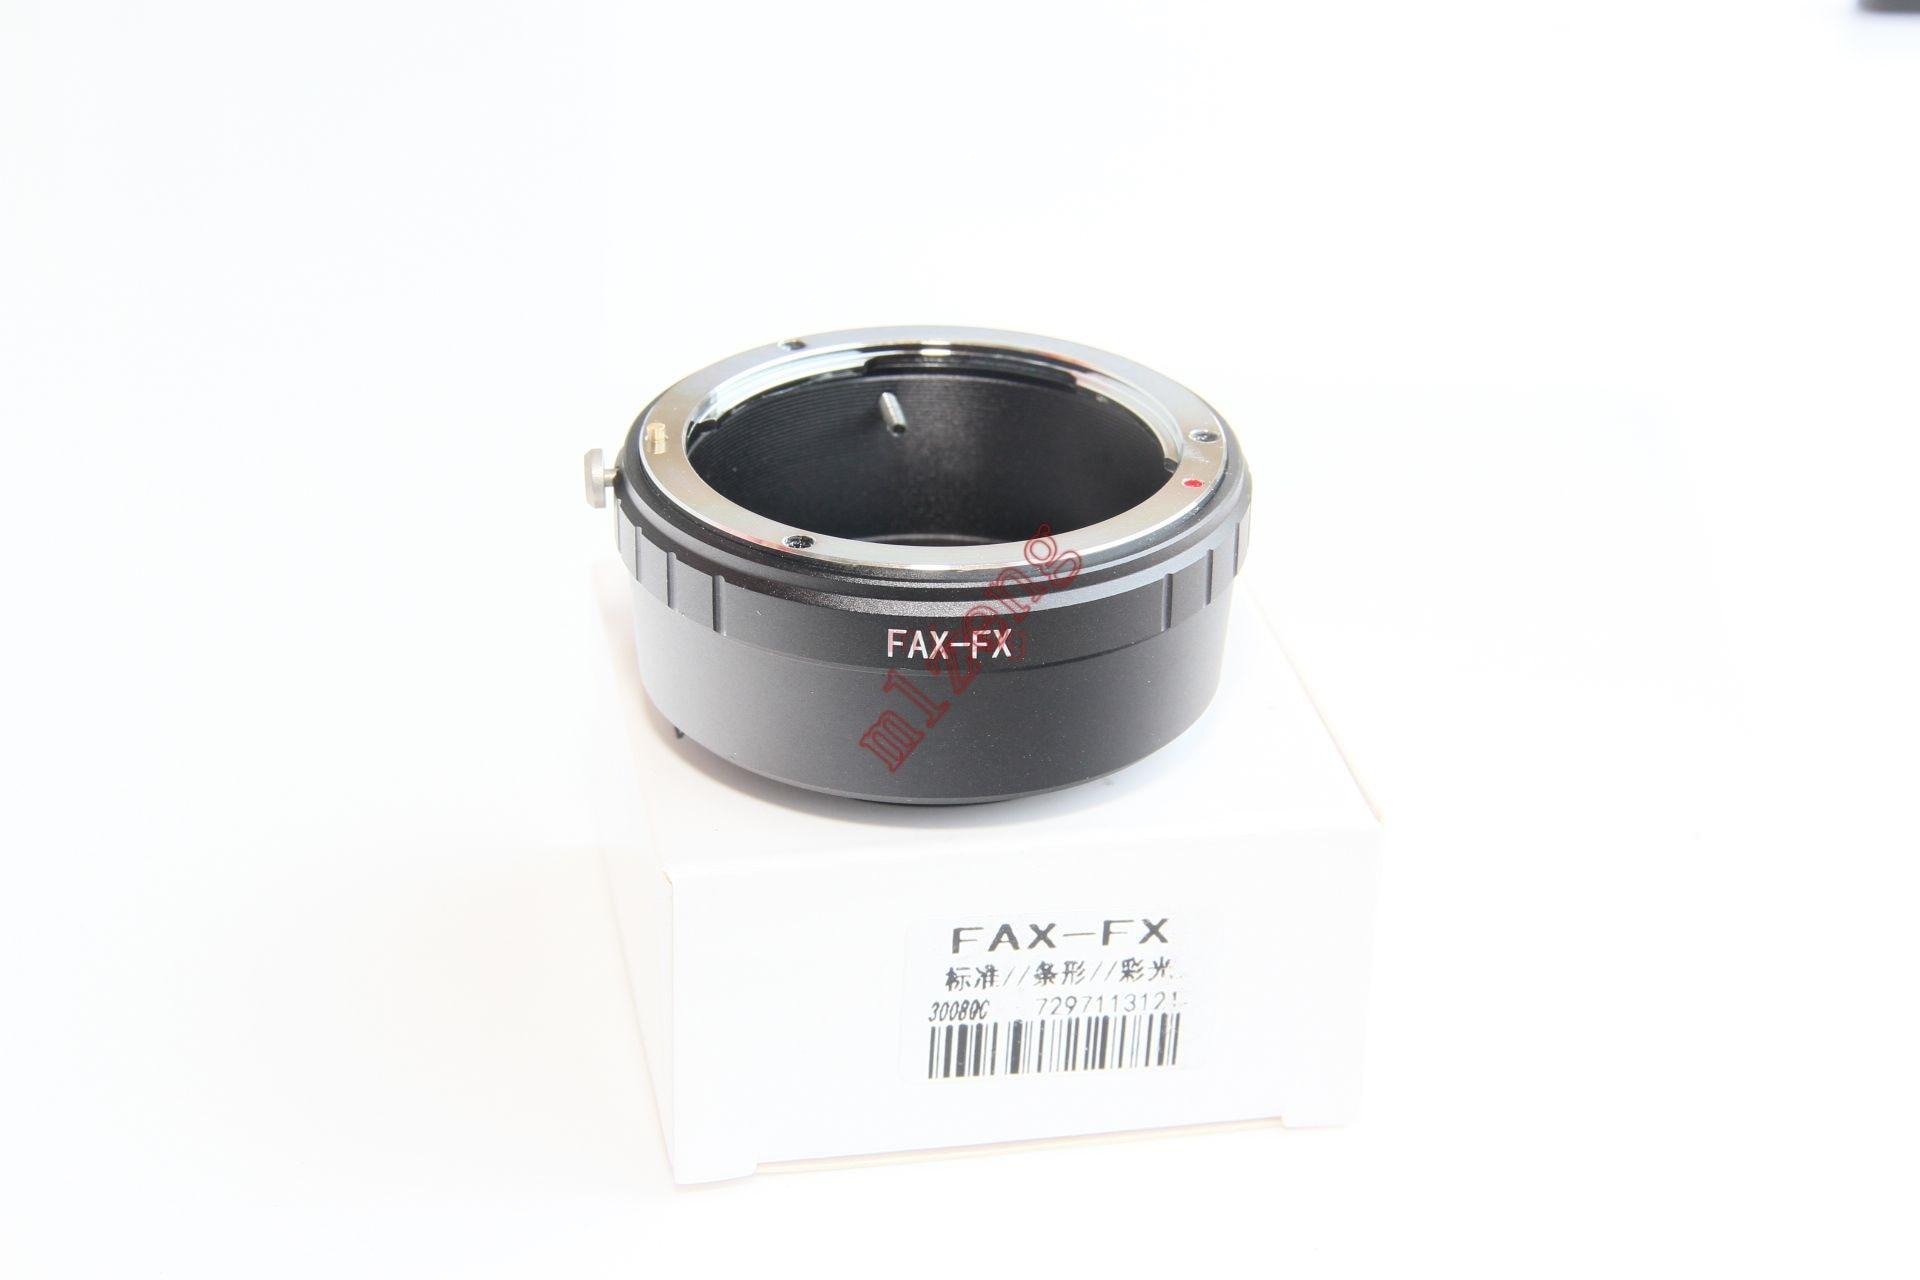 FAX fujica fx lens adapter ring für Fujifilm fuji X X-E2/X-E1/X-Pro1/X-M1/X-A2/X-A1/X-T1 xt2 xt10 xt20 xa3 xpro2 kamera